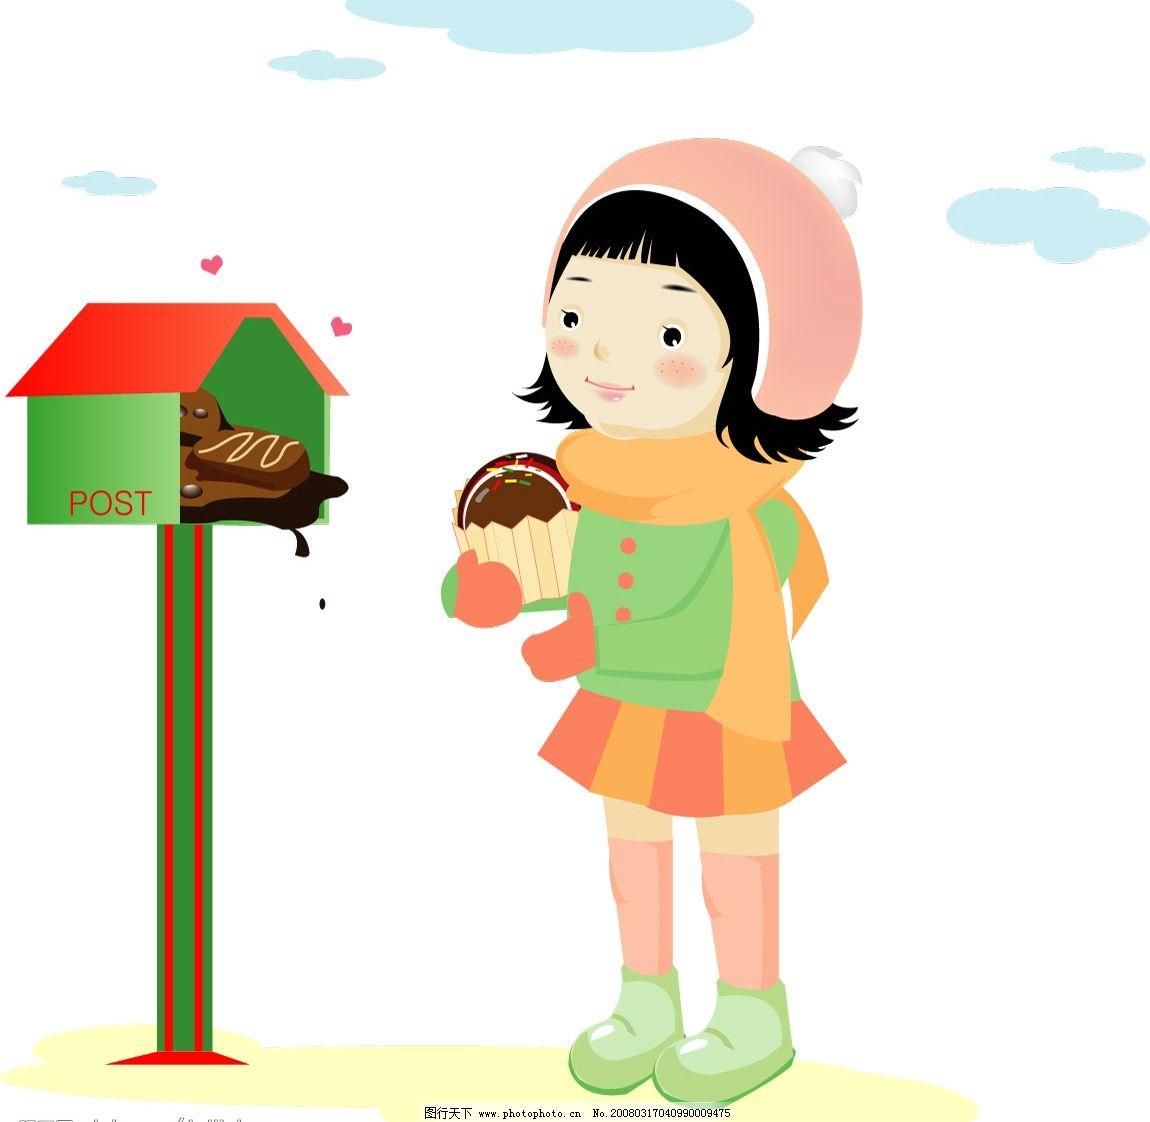 韩国儿童矢量素材图片